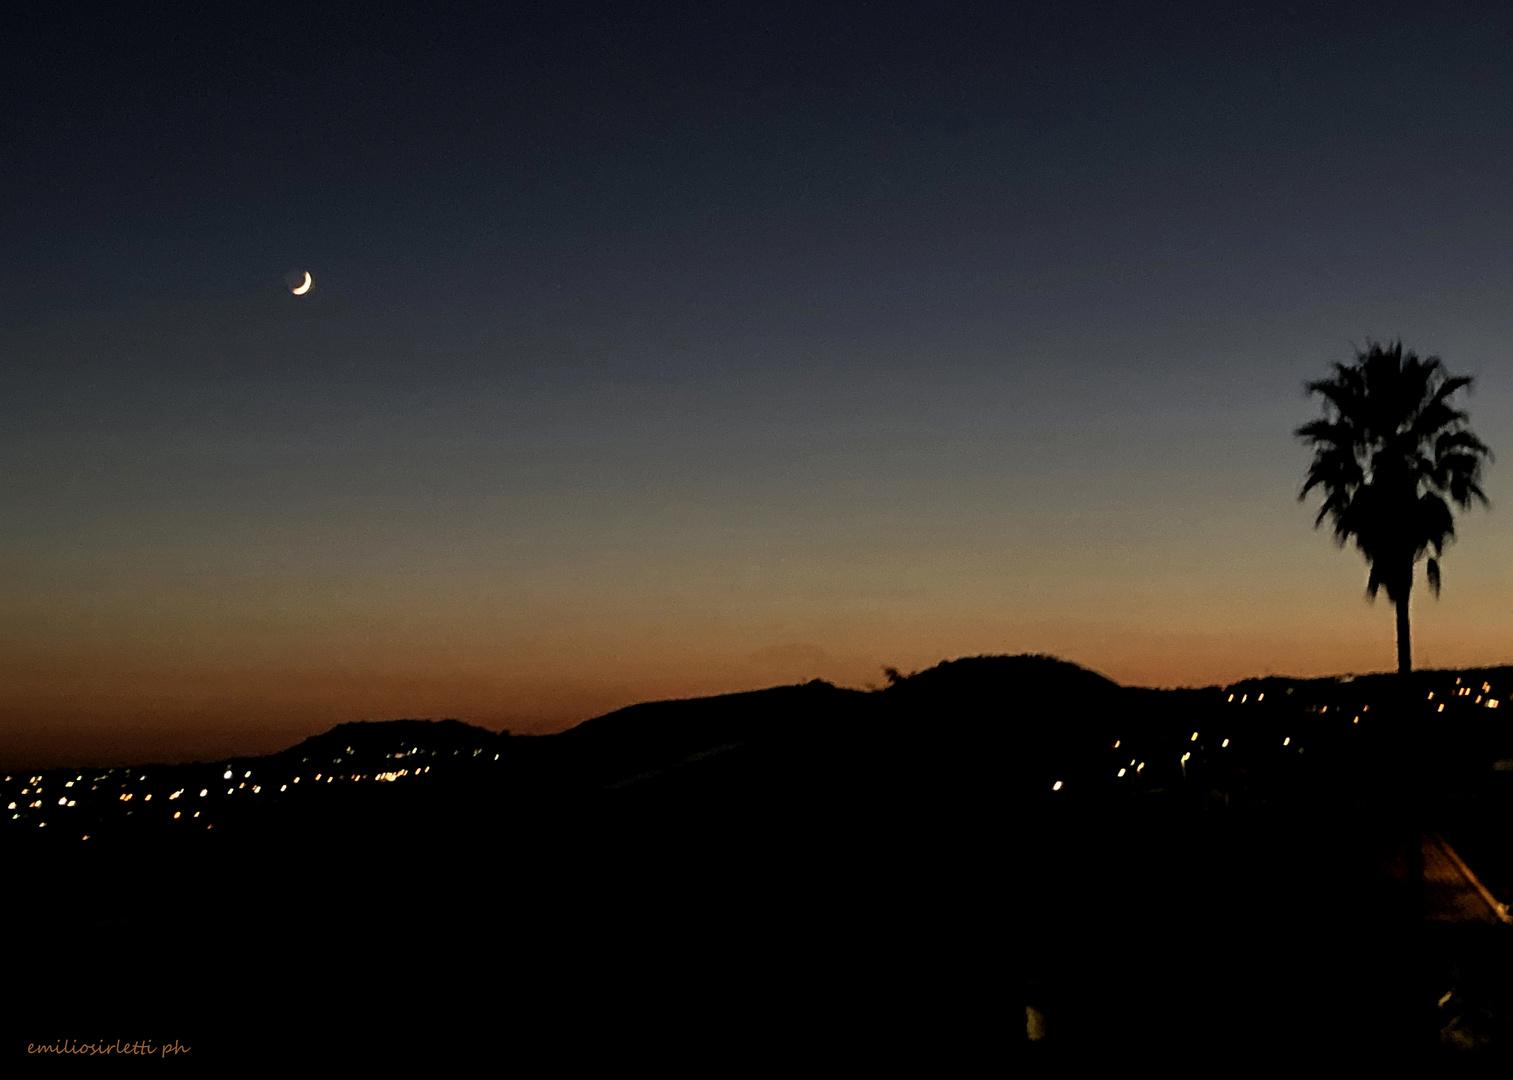 Crepuscolo siciliano - Sicilian twilight